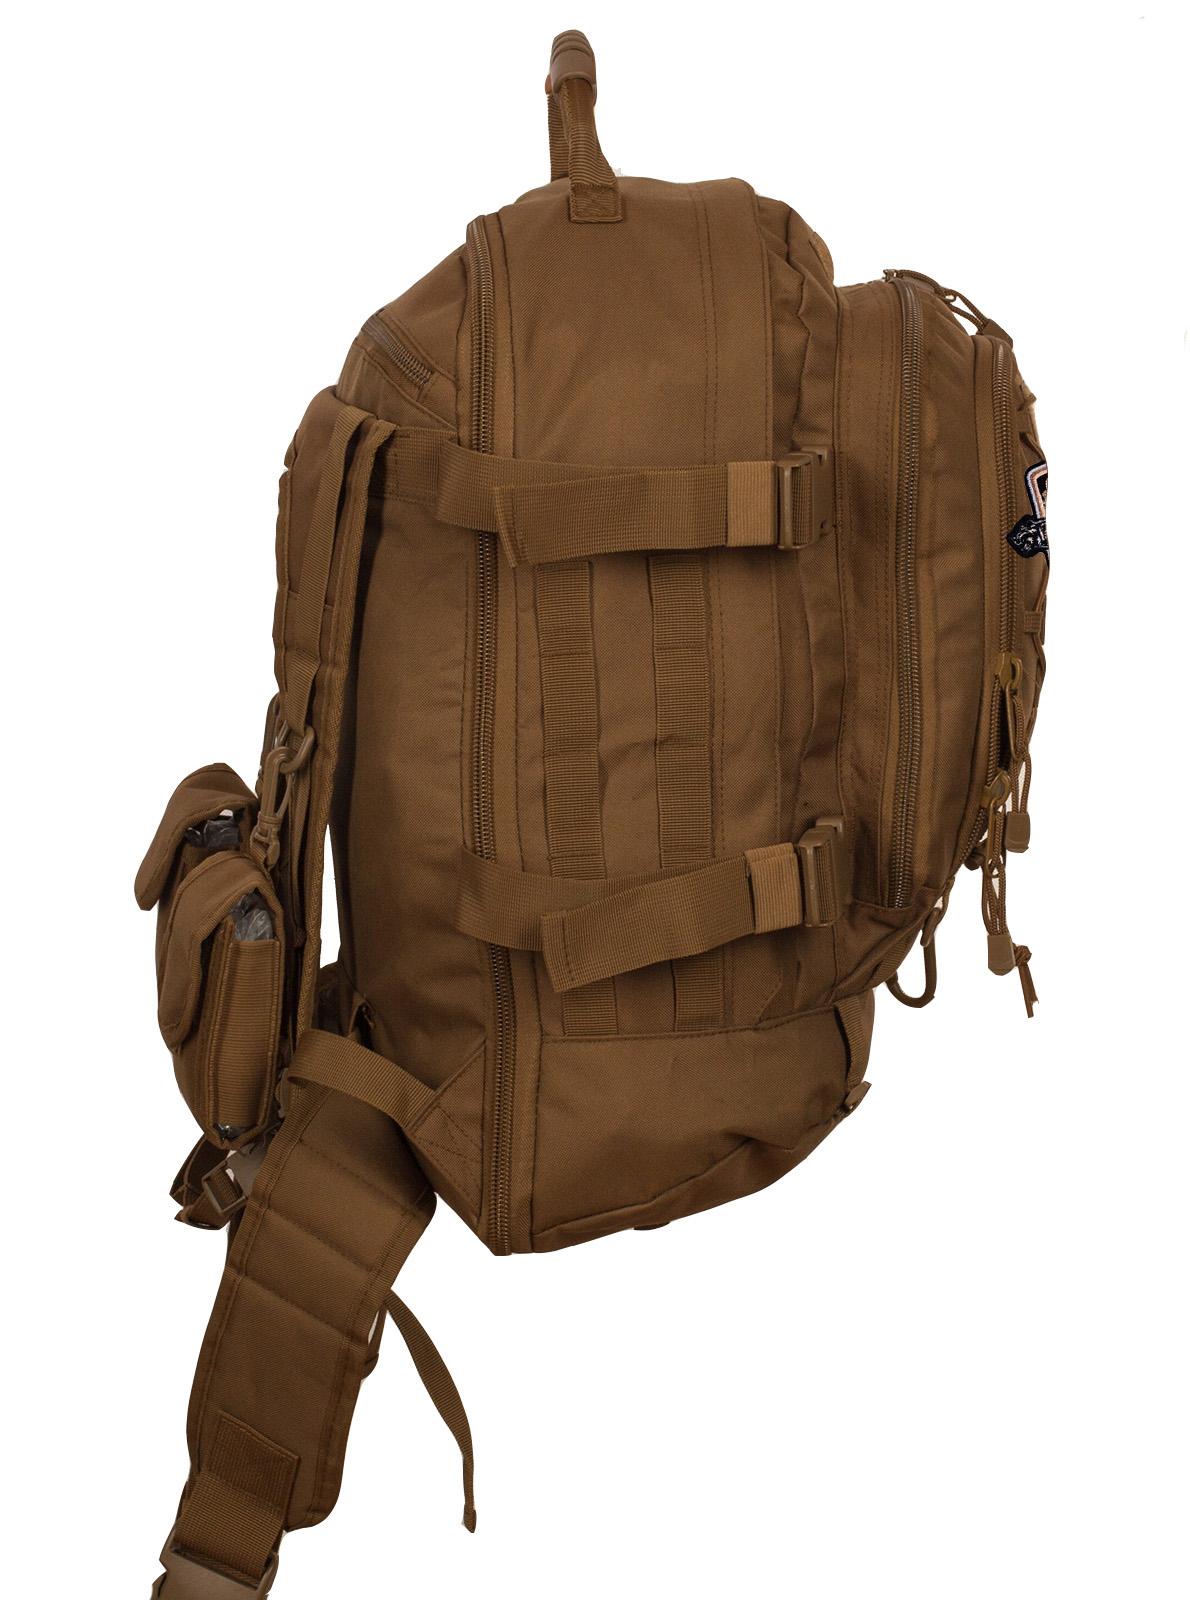 Штурмовой надежный рюкзак с нашивкой Охотничий Спецназ - заказать с доставкой